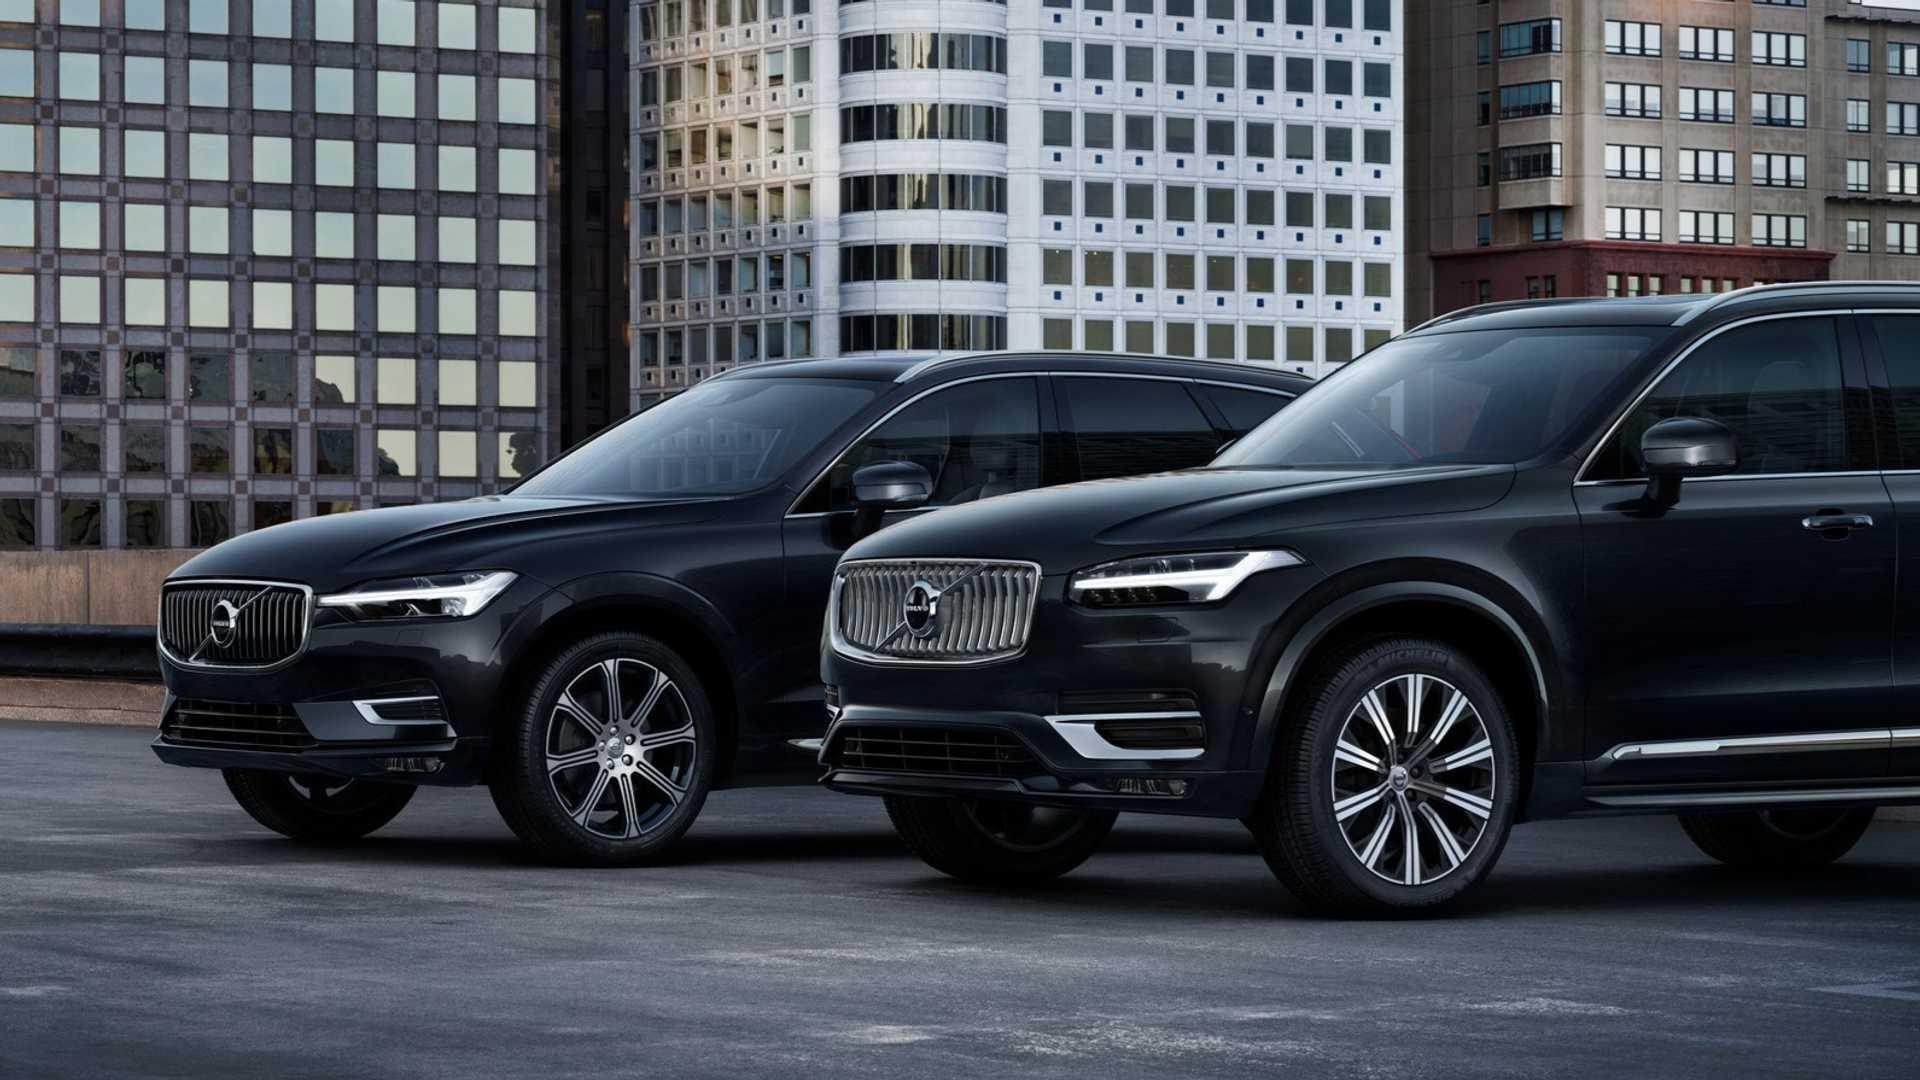 Volvo Sediakan Suv Anti Peluru Dua Varian Ini Dilapisi Baja Ringan